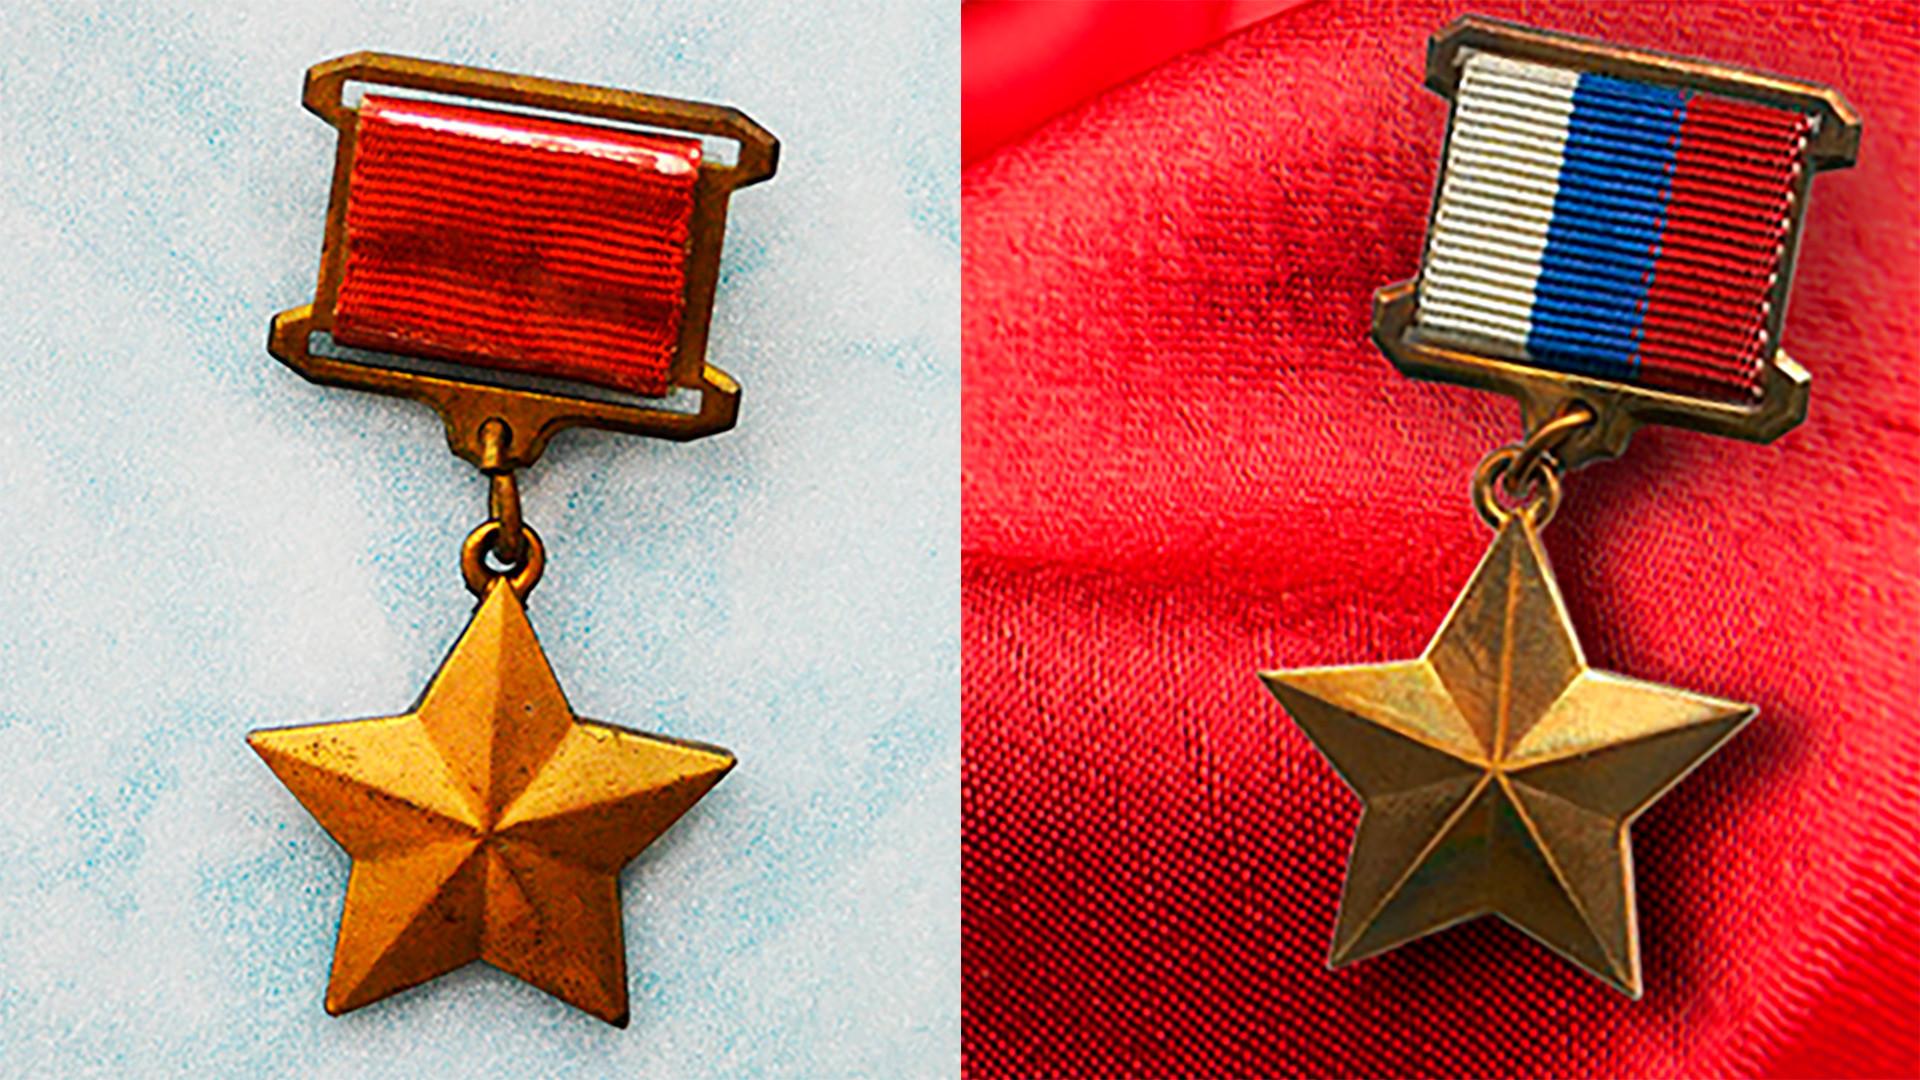 Златне звезде Хероја СССР-а и Хероја Руске Федерације.